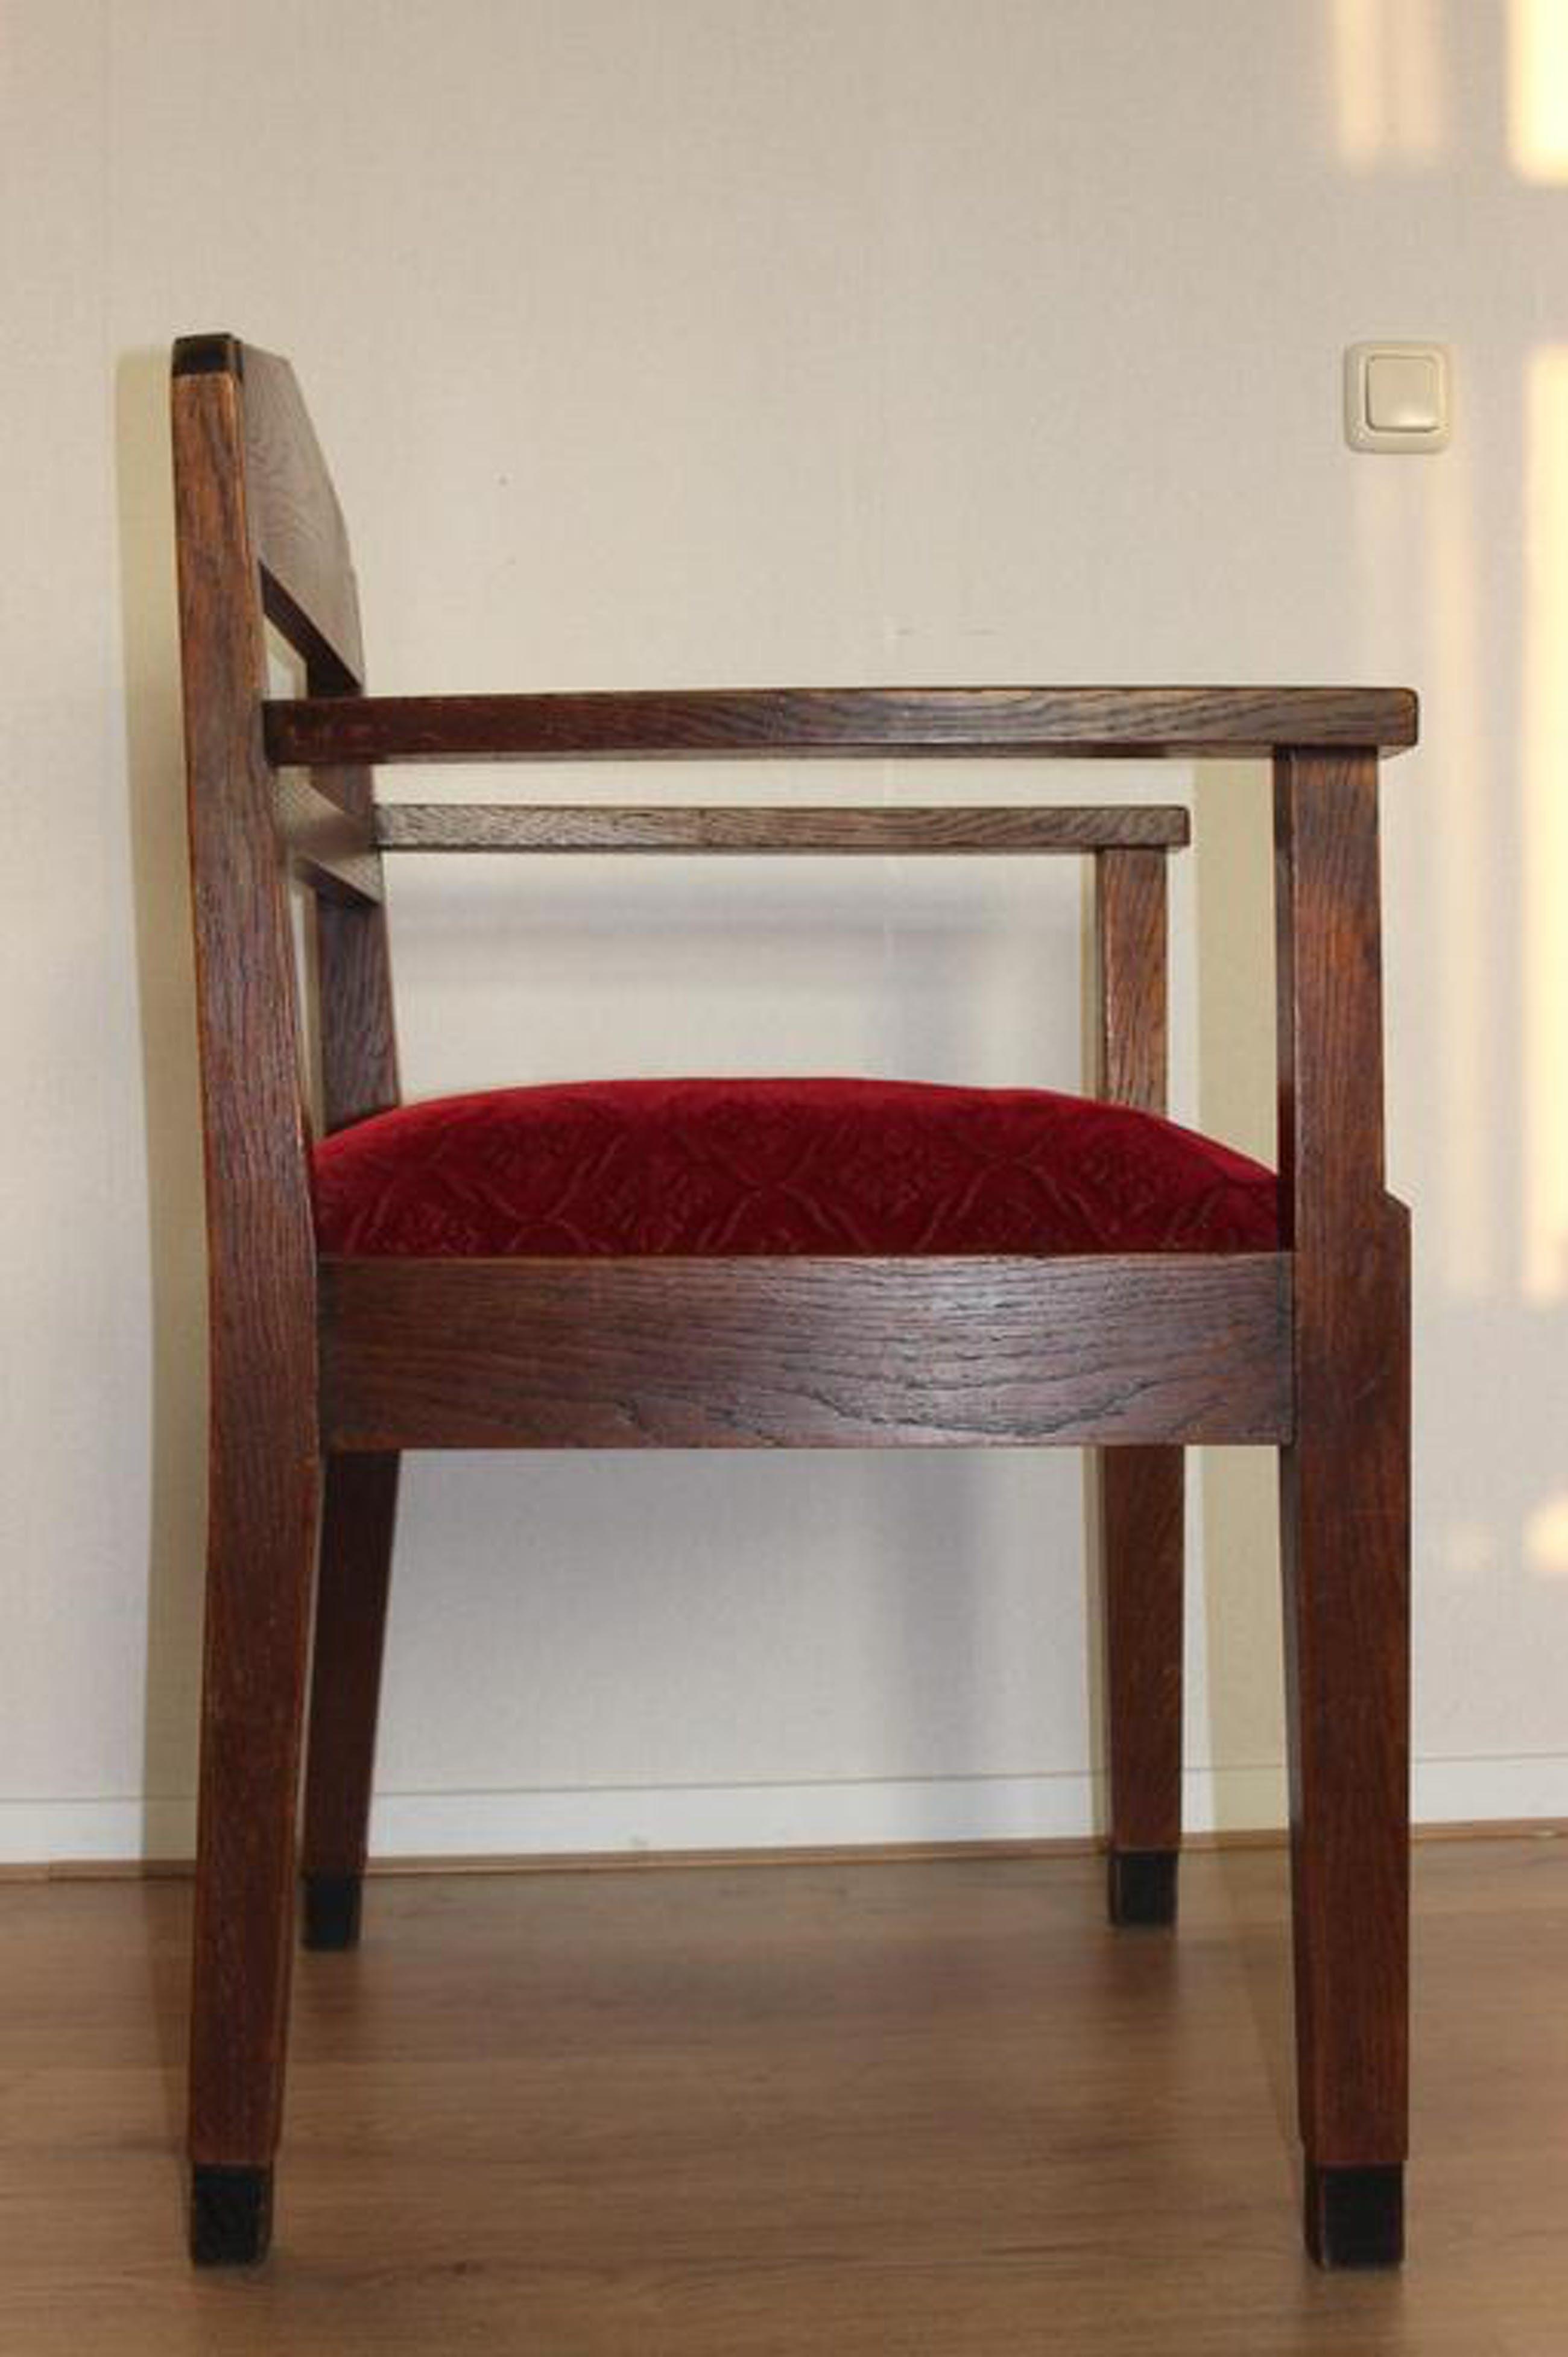 Nieuw 2 Amsterdamse School fauteuil stoelen: Maker onbekend kopen? Bied KO-31